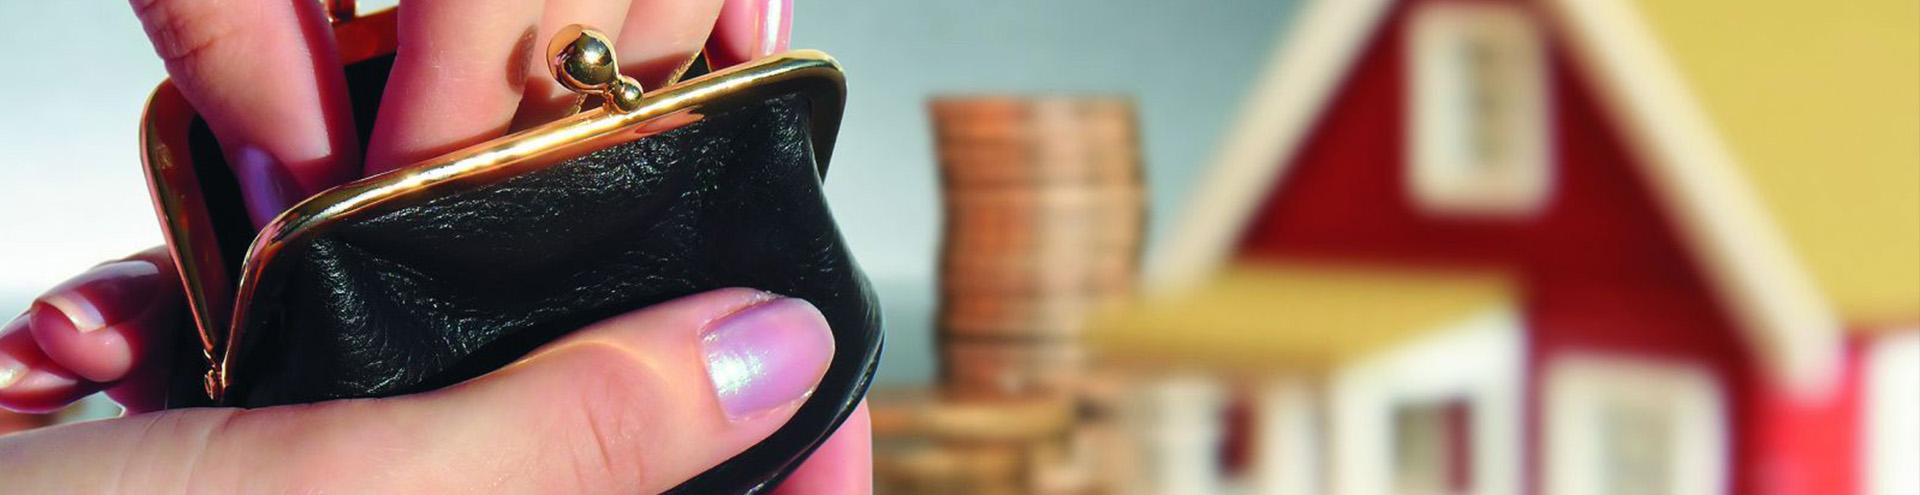 реструктуризация долга при банкротстве физического лица в Оренбурге